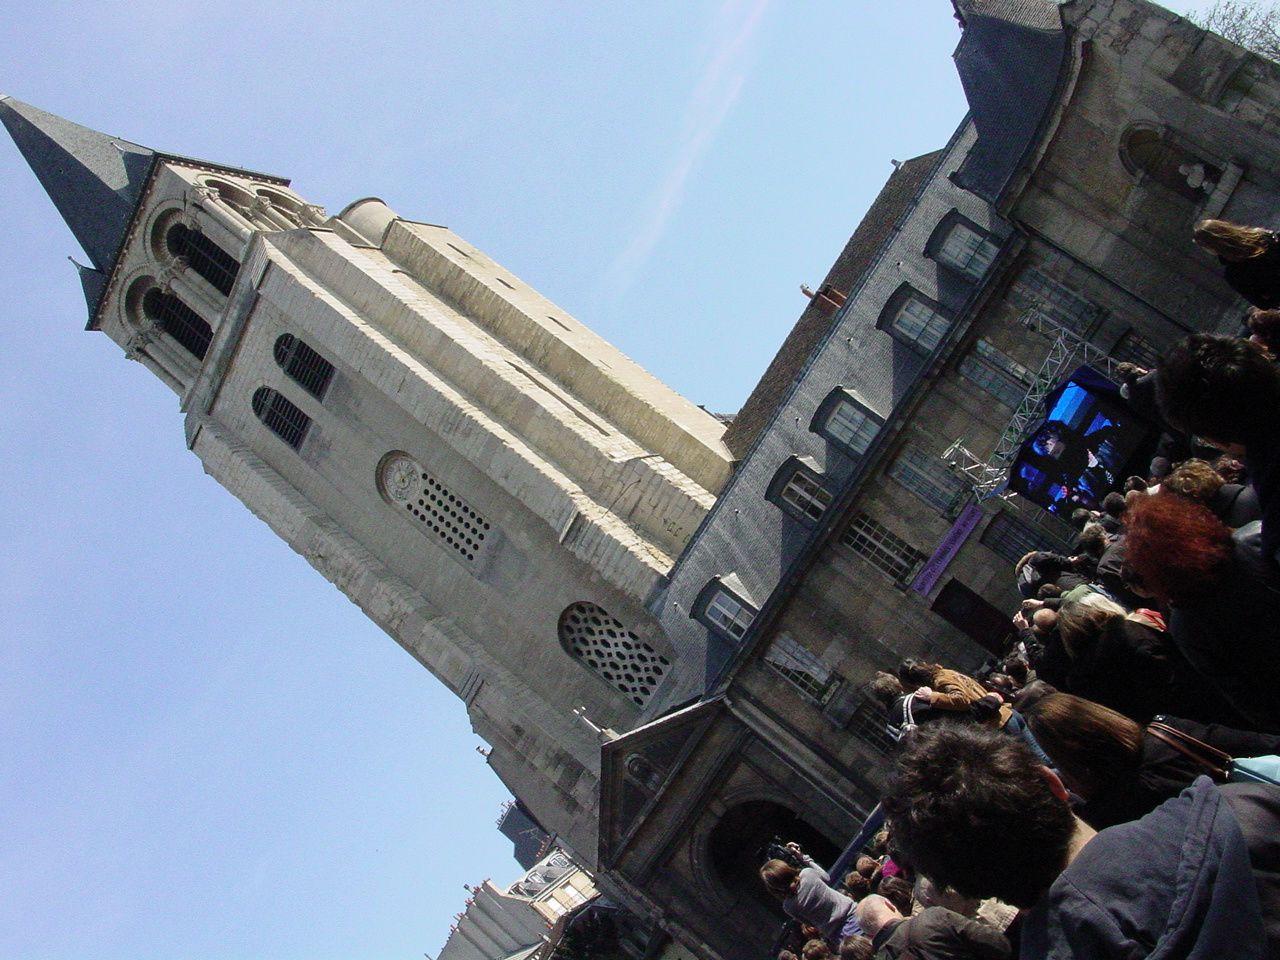 20 mars 2009 parvis de l'Église de Saint-Germain-des Prés